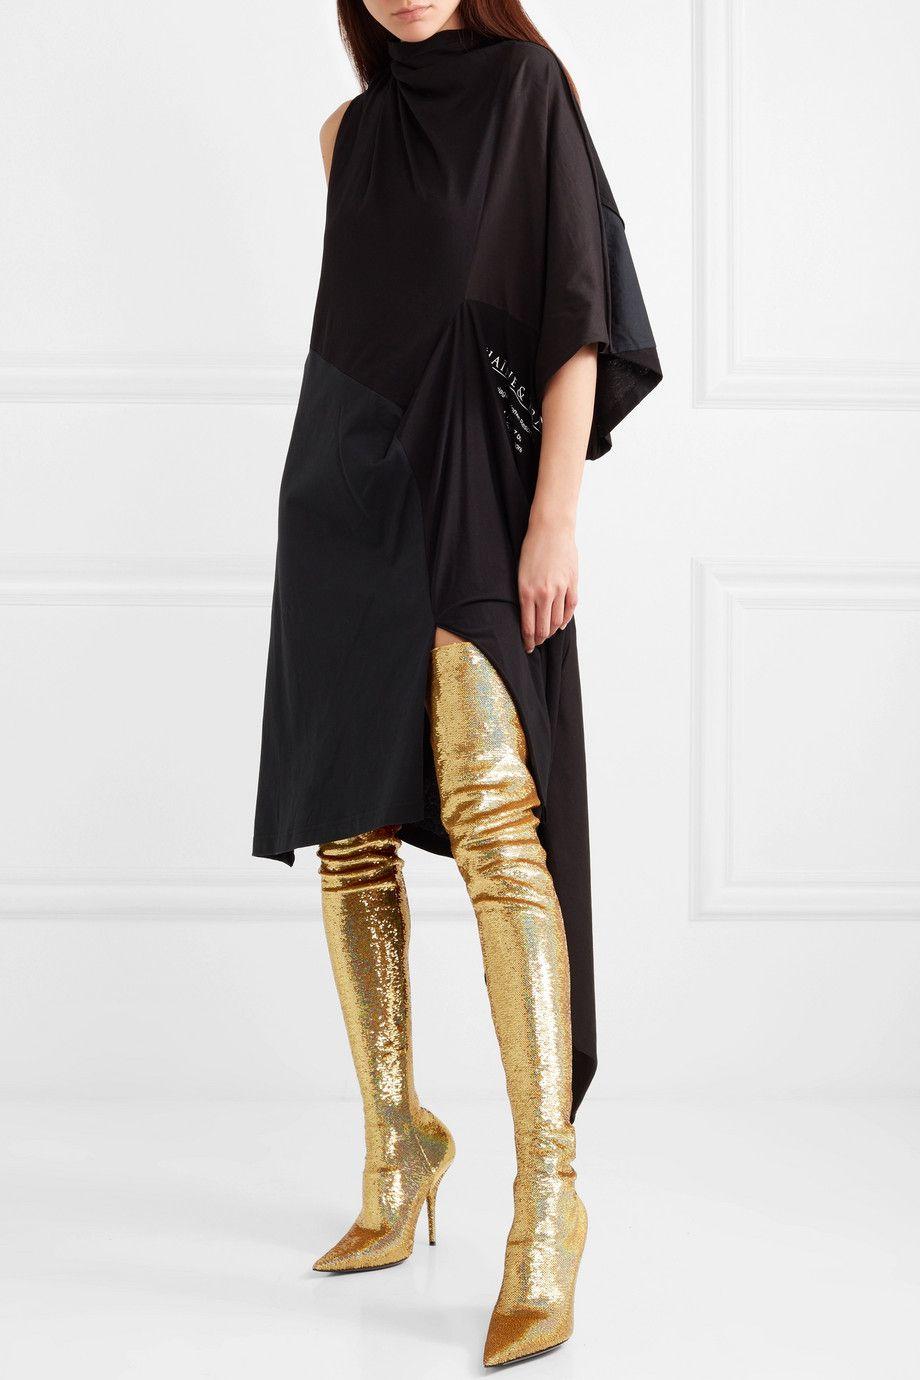 Par desetaka tisuća kuna za ove čizme? Balenciaga ne prestaje šokirati modelima!